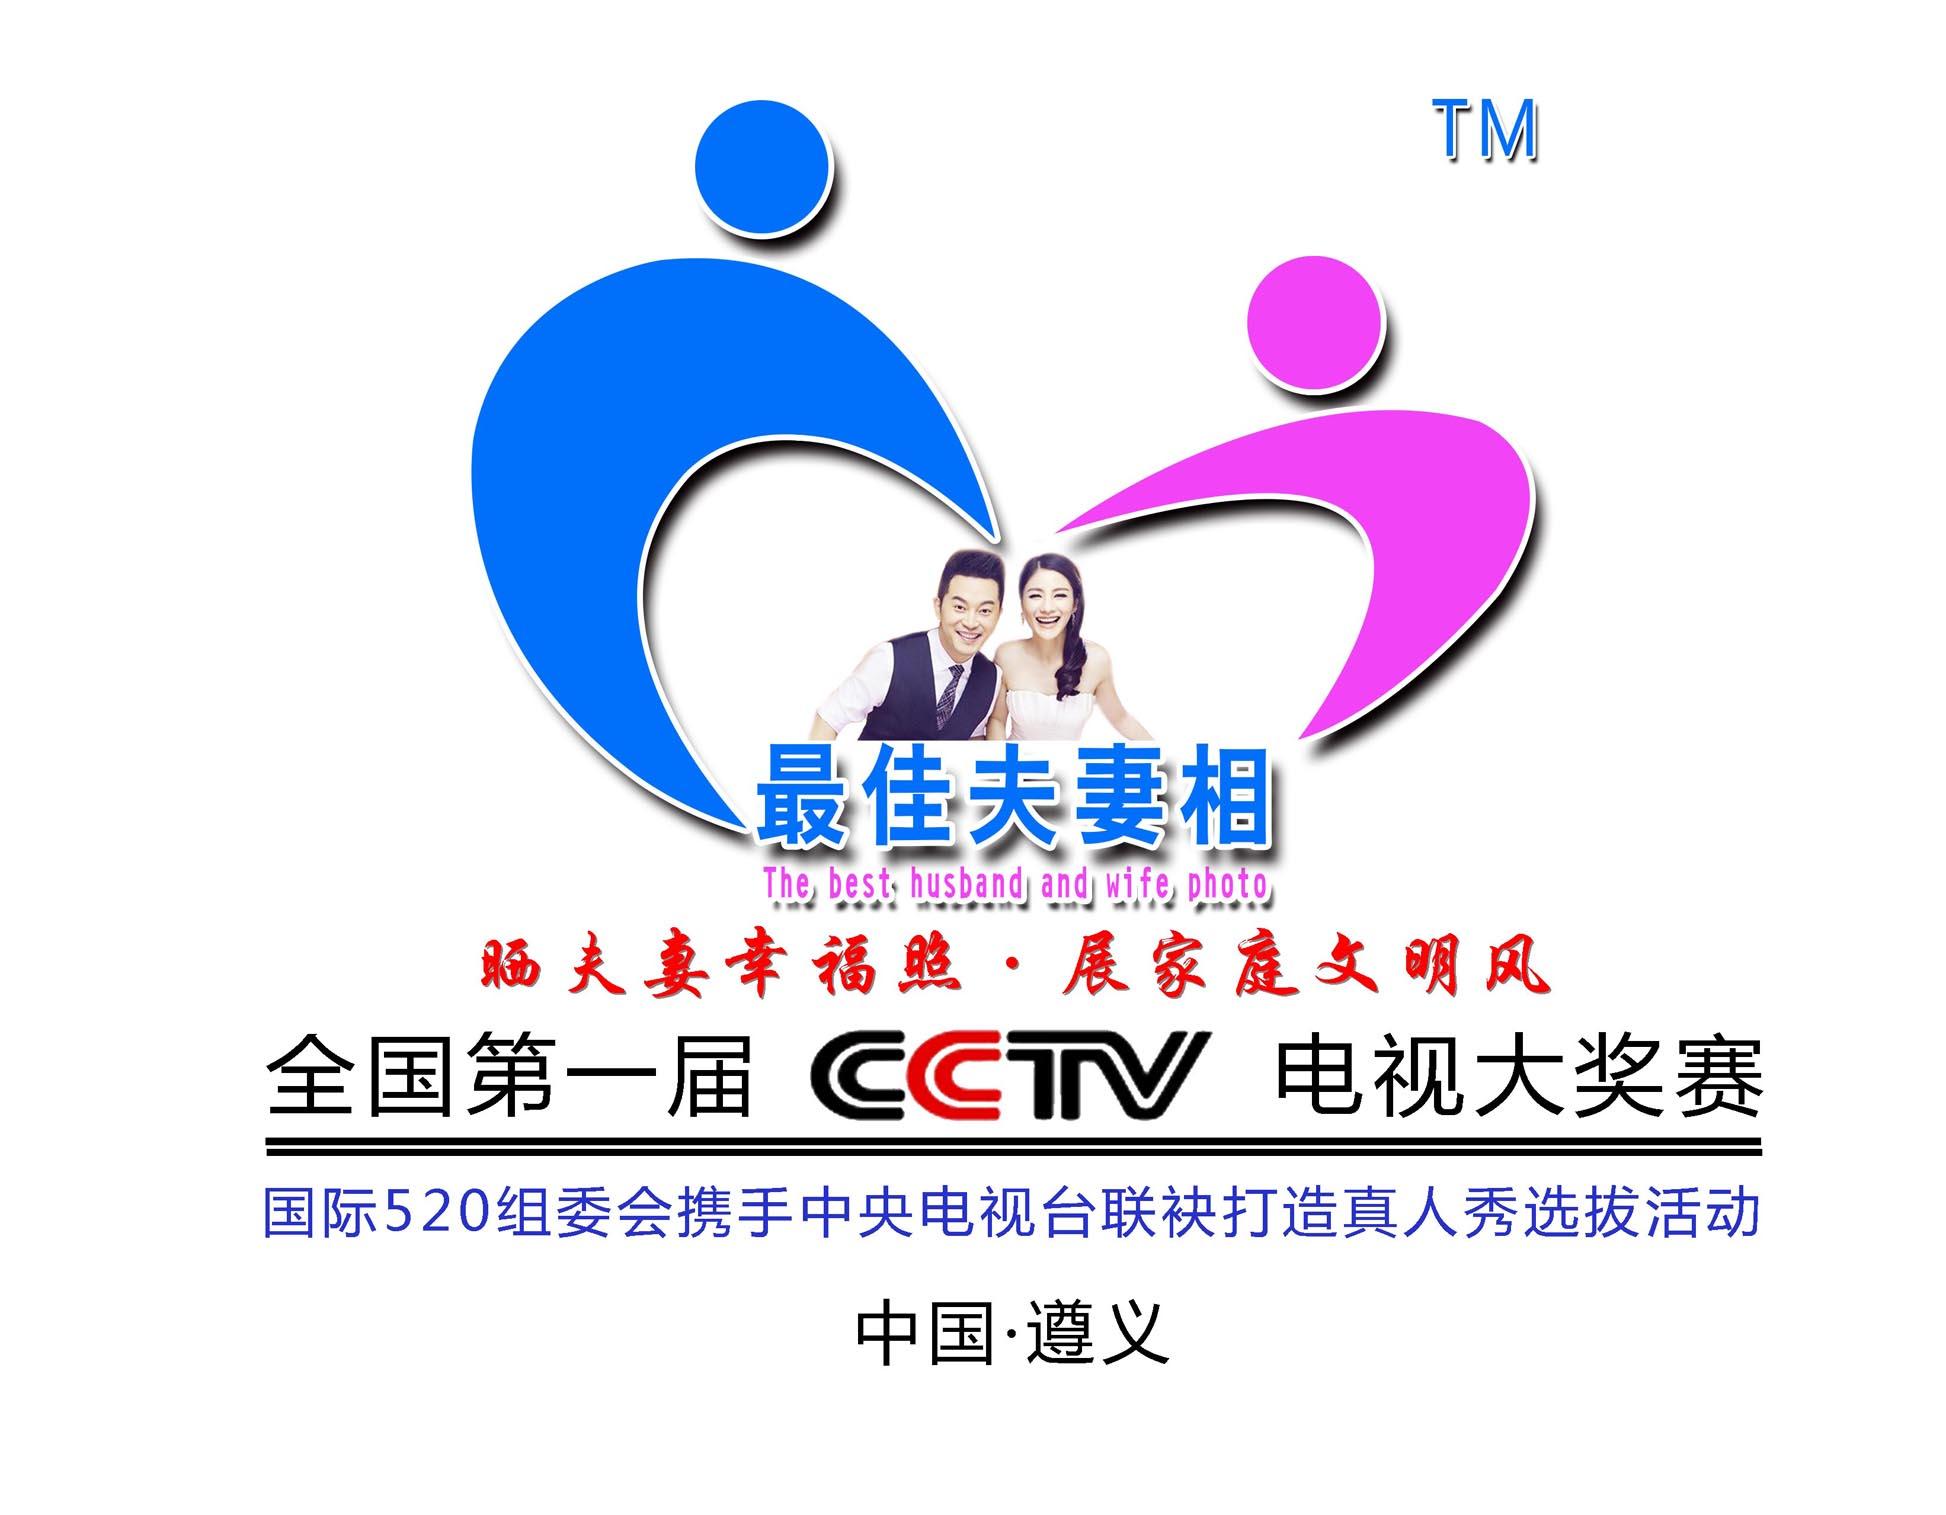 最佳夫妻相全国第一届CCTV电视大奖赛方案